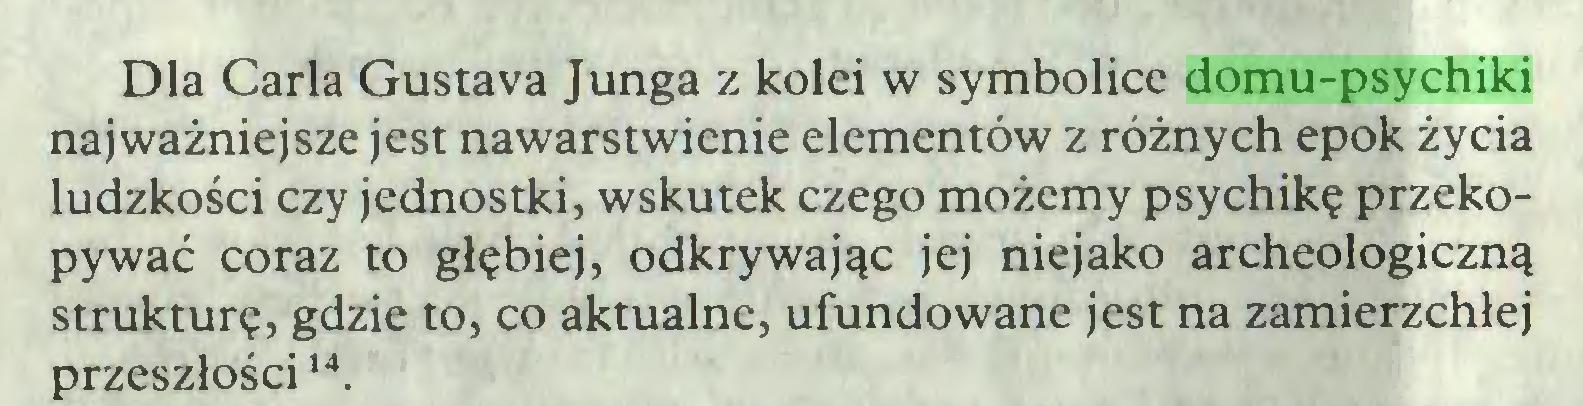 (...) Dla Carla Gustava Junga z kolei w symbolice domu-psychiki najważniejsze jest nawarstwienie elementów z różnych epok życia ludzkości czy jednostki, wskutek czego możemy psychikę przekopywać coraz to głębiej, odkrywając jej niejako archeologiczną strukturę, gdzie to, co aktualne, ufundowane jest na zamierzchłej przeszłości14...